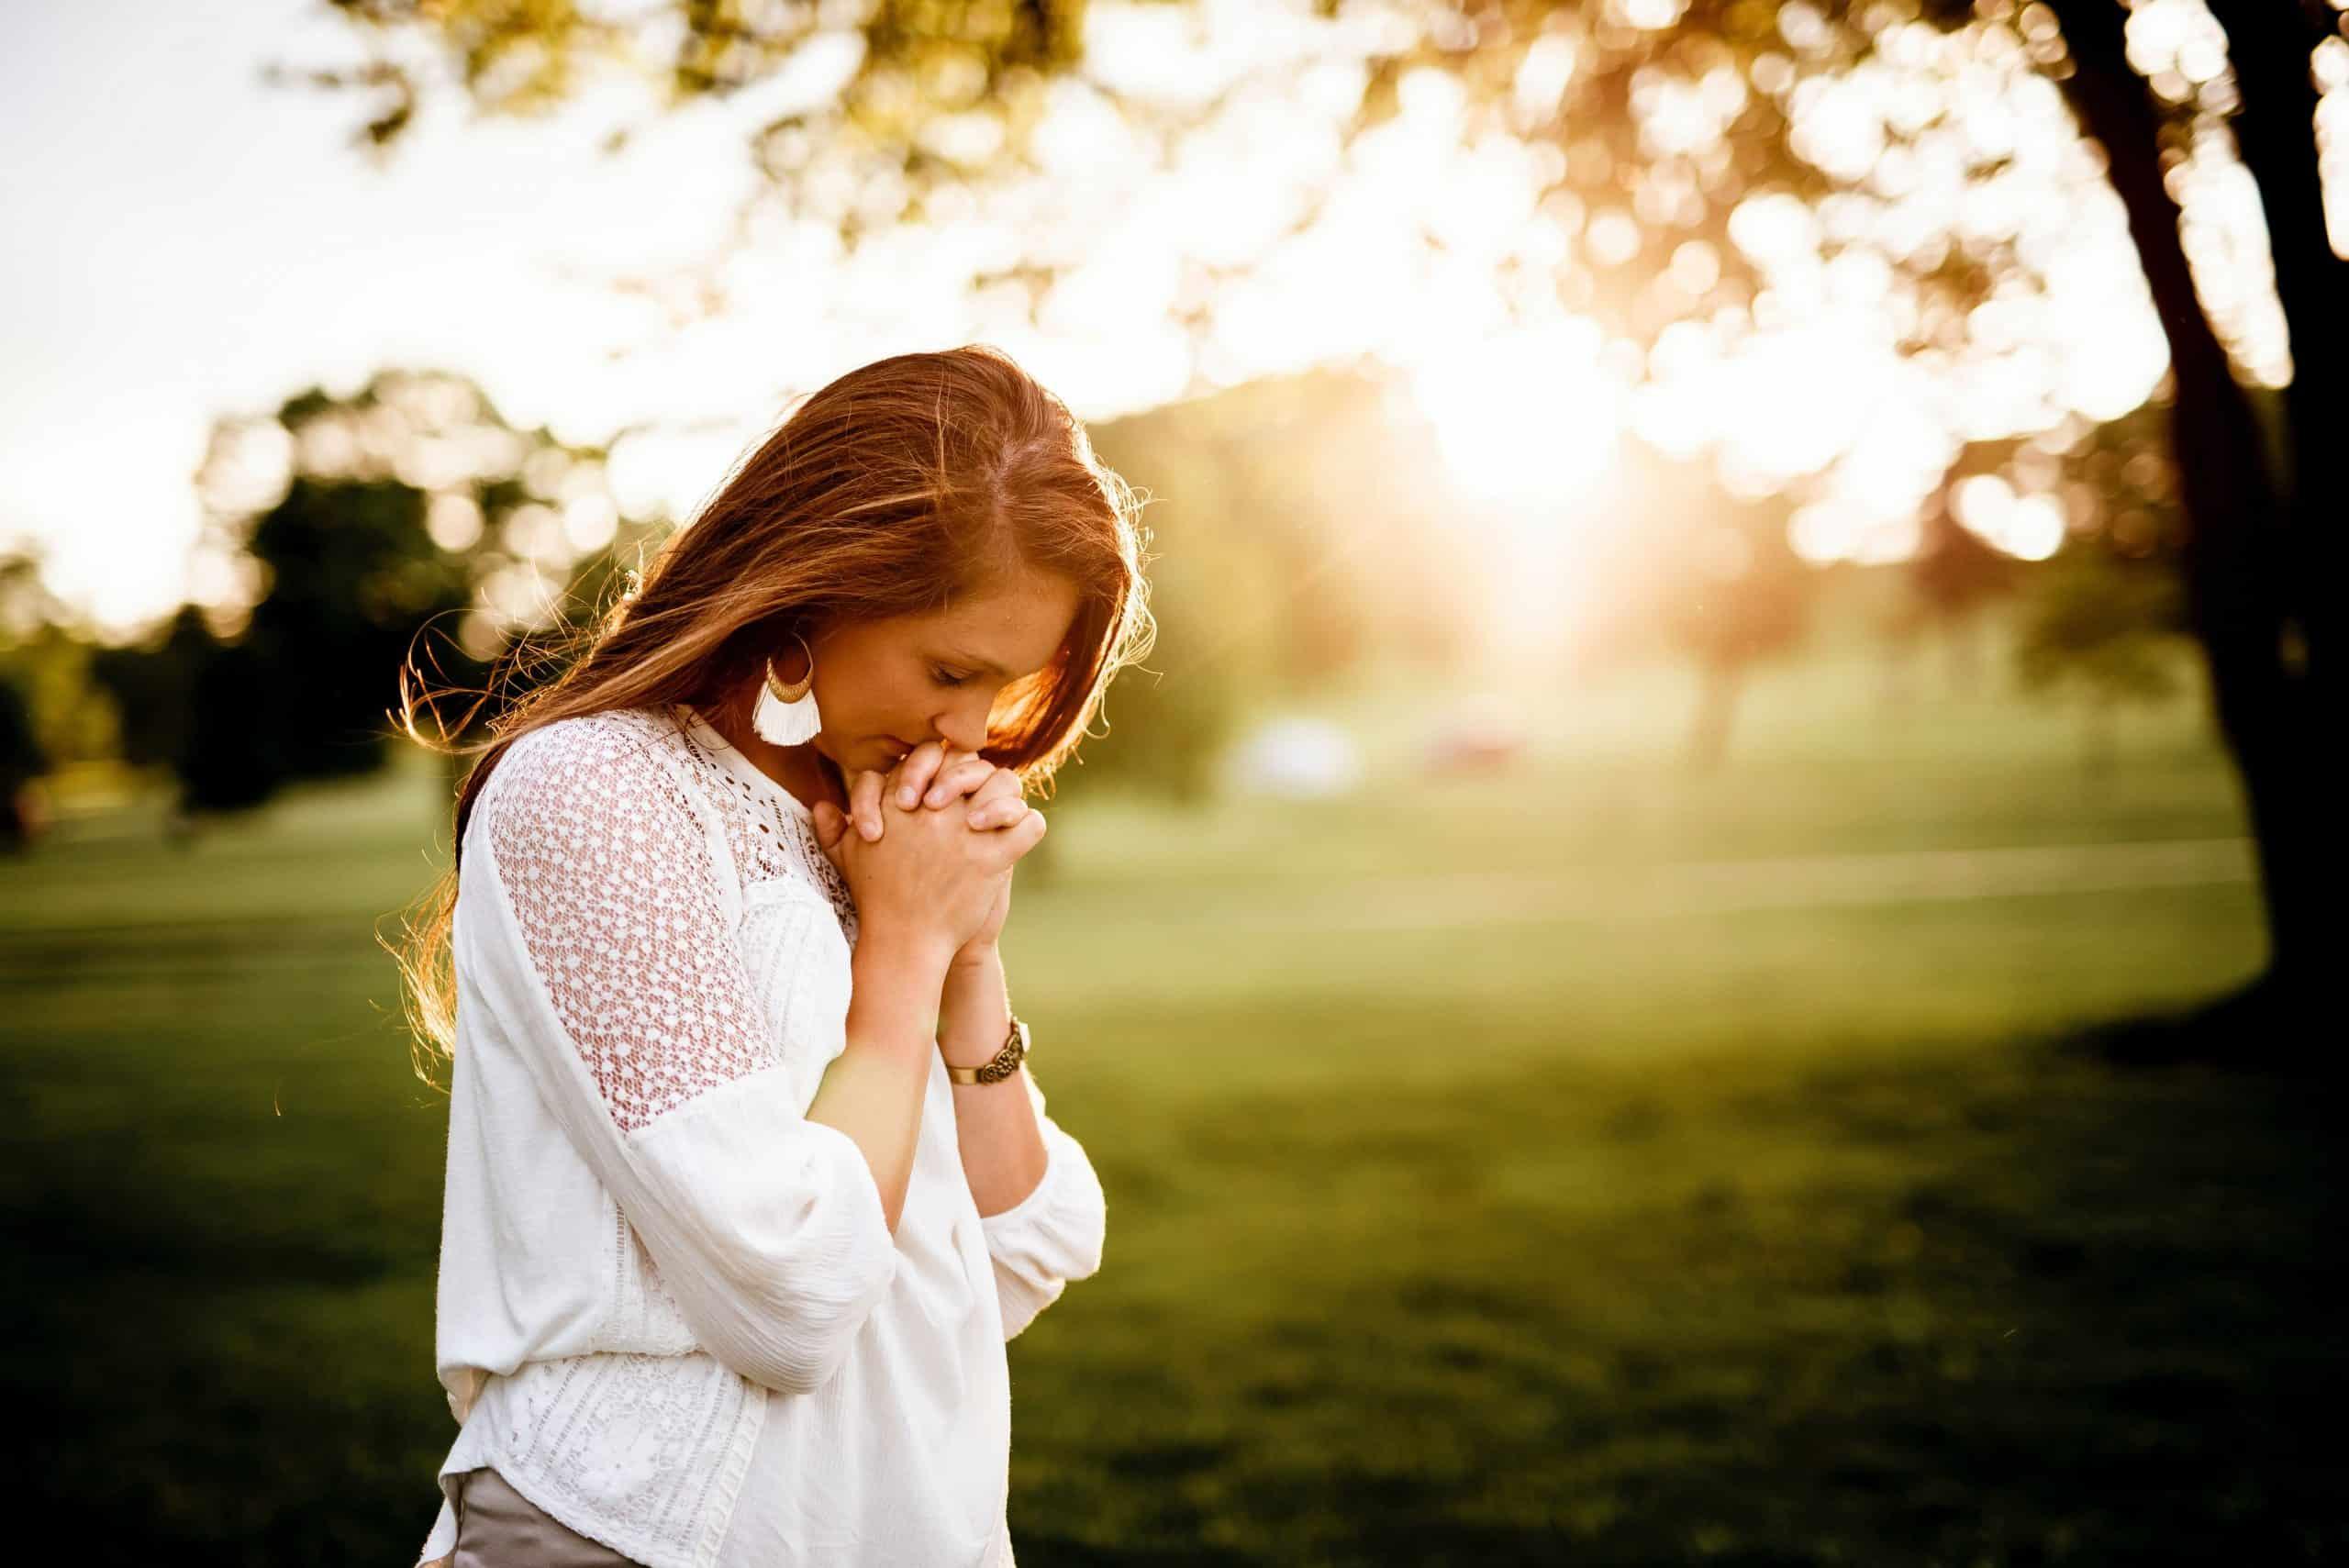 Woman praying to God.